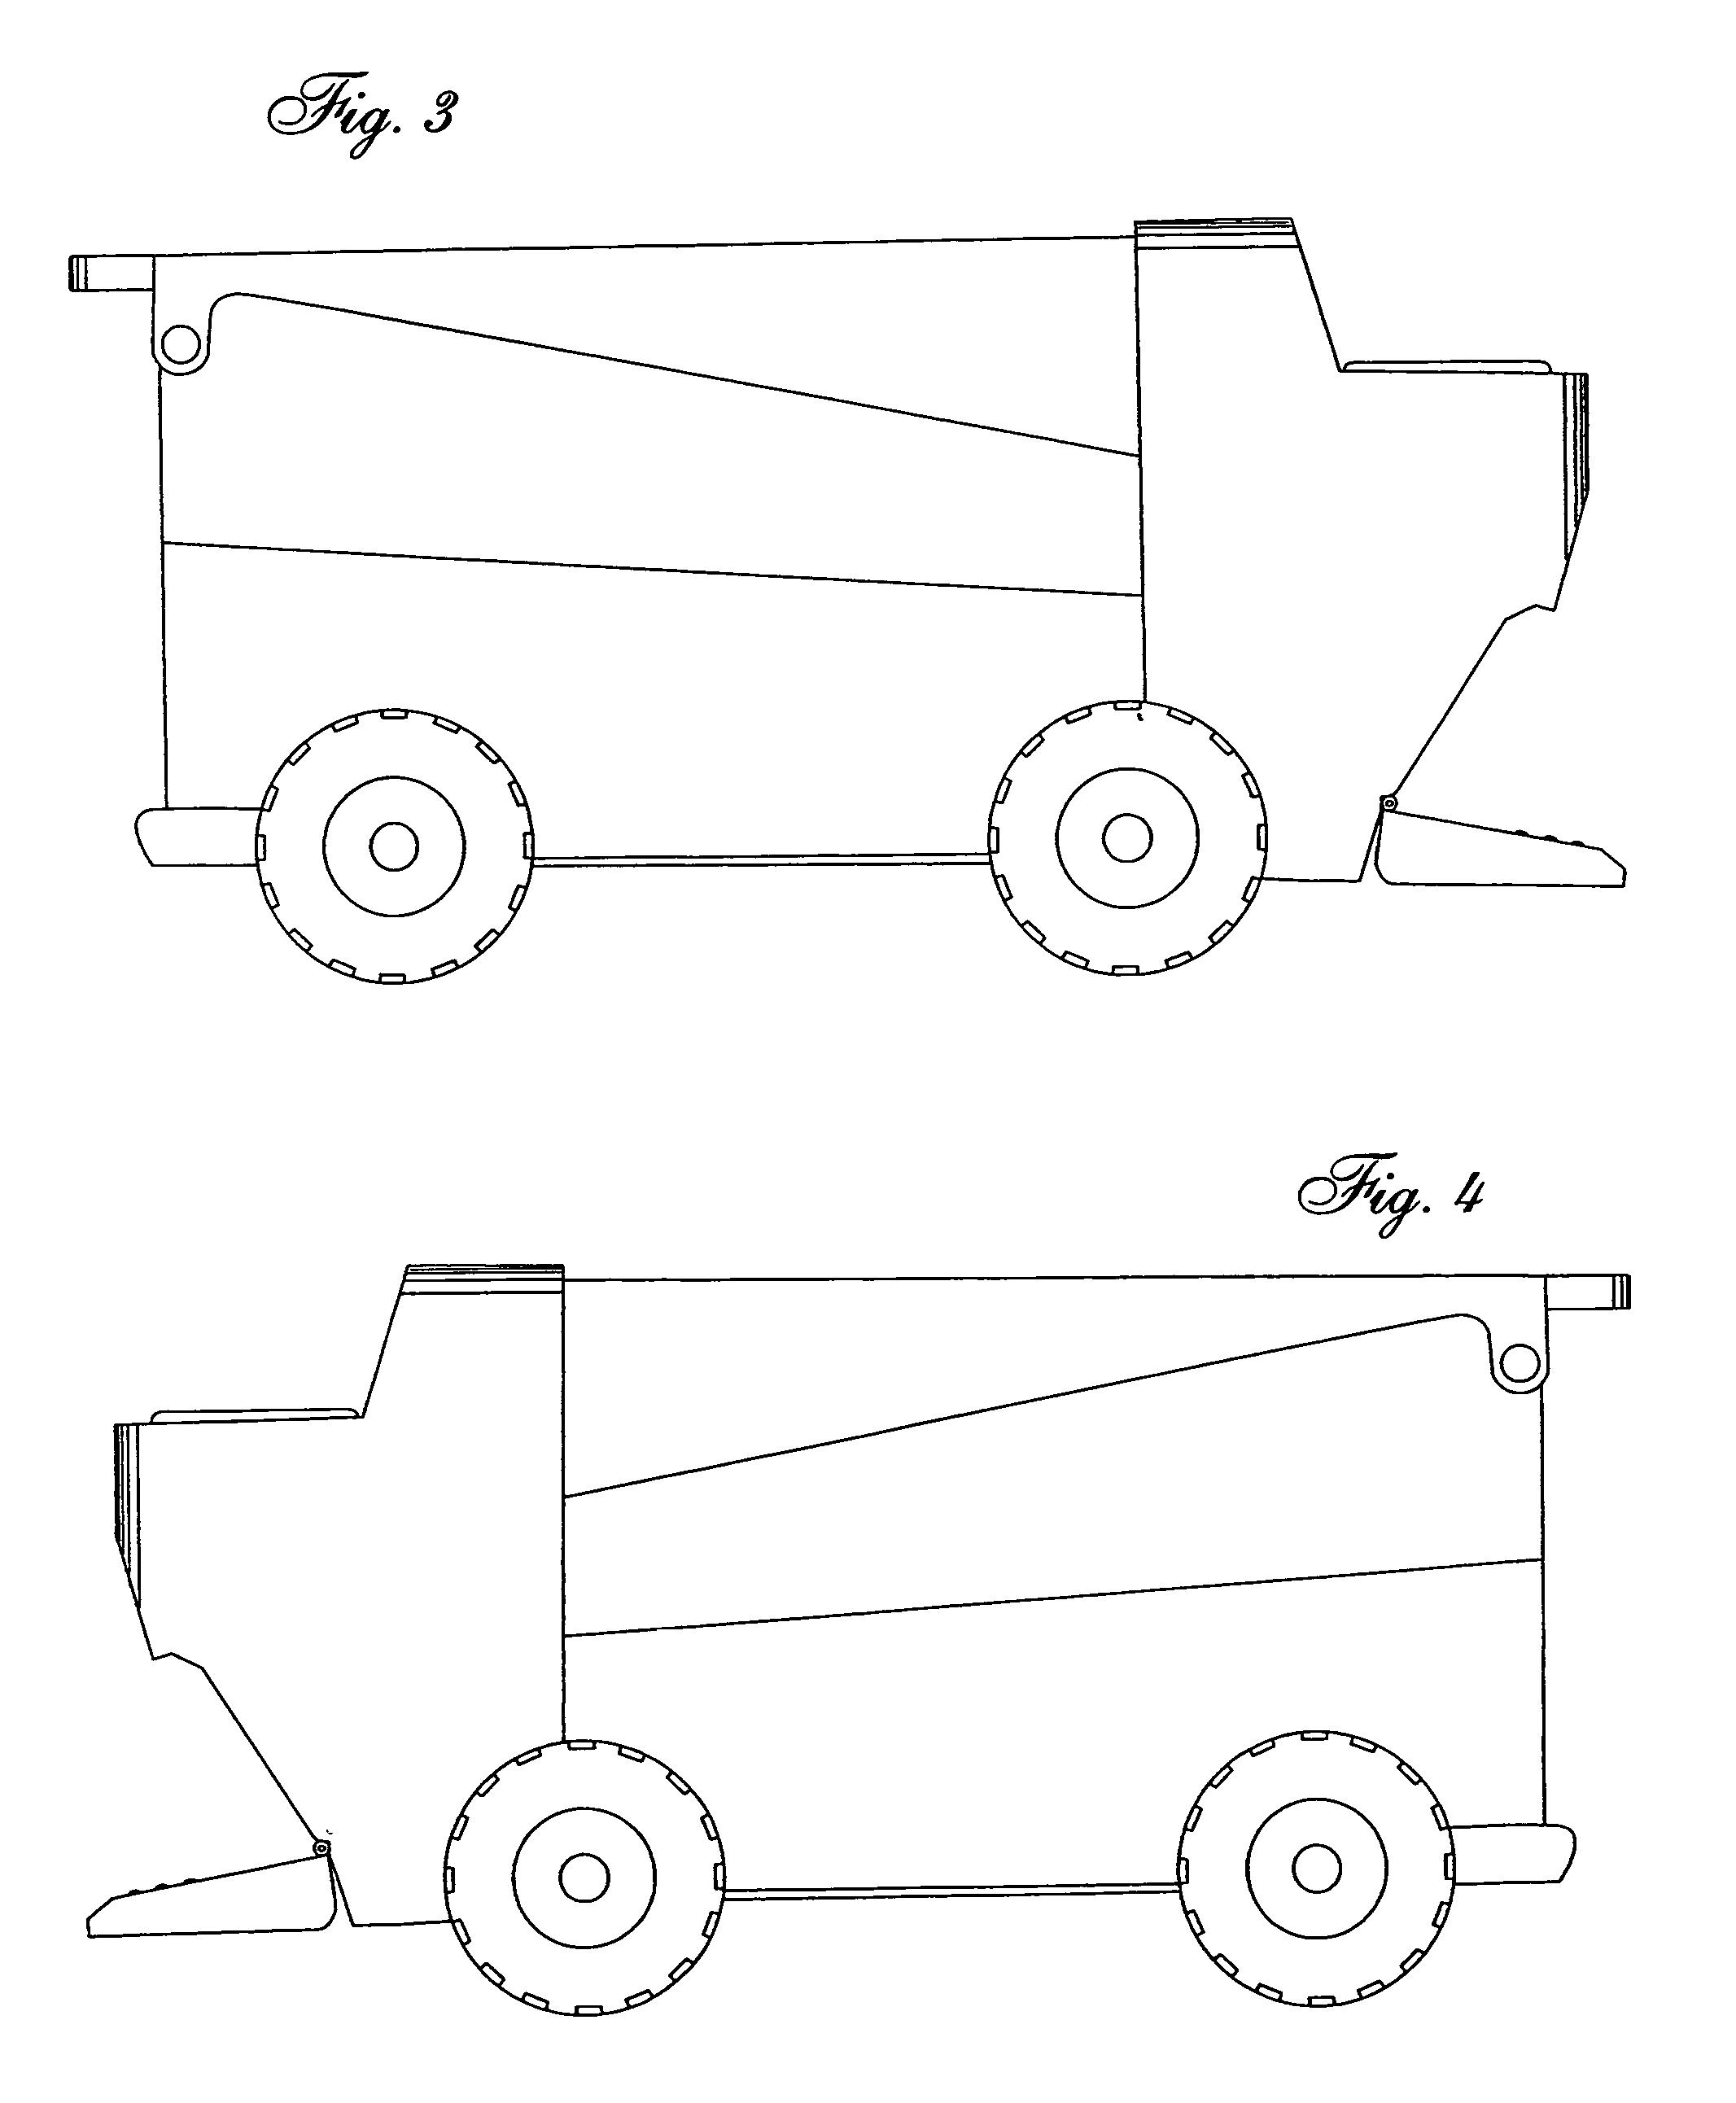 Patent Usd582217 Zamboni Cooler Google Patents